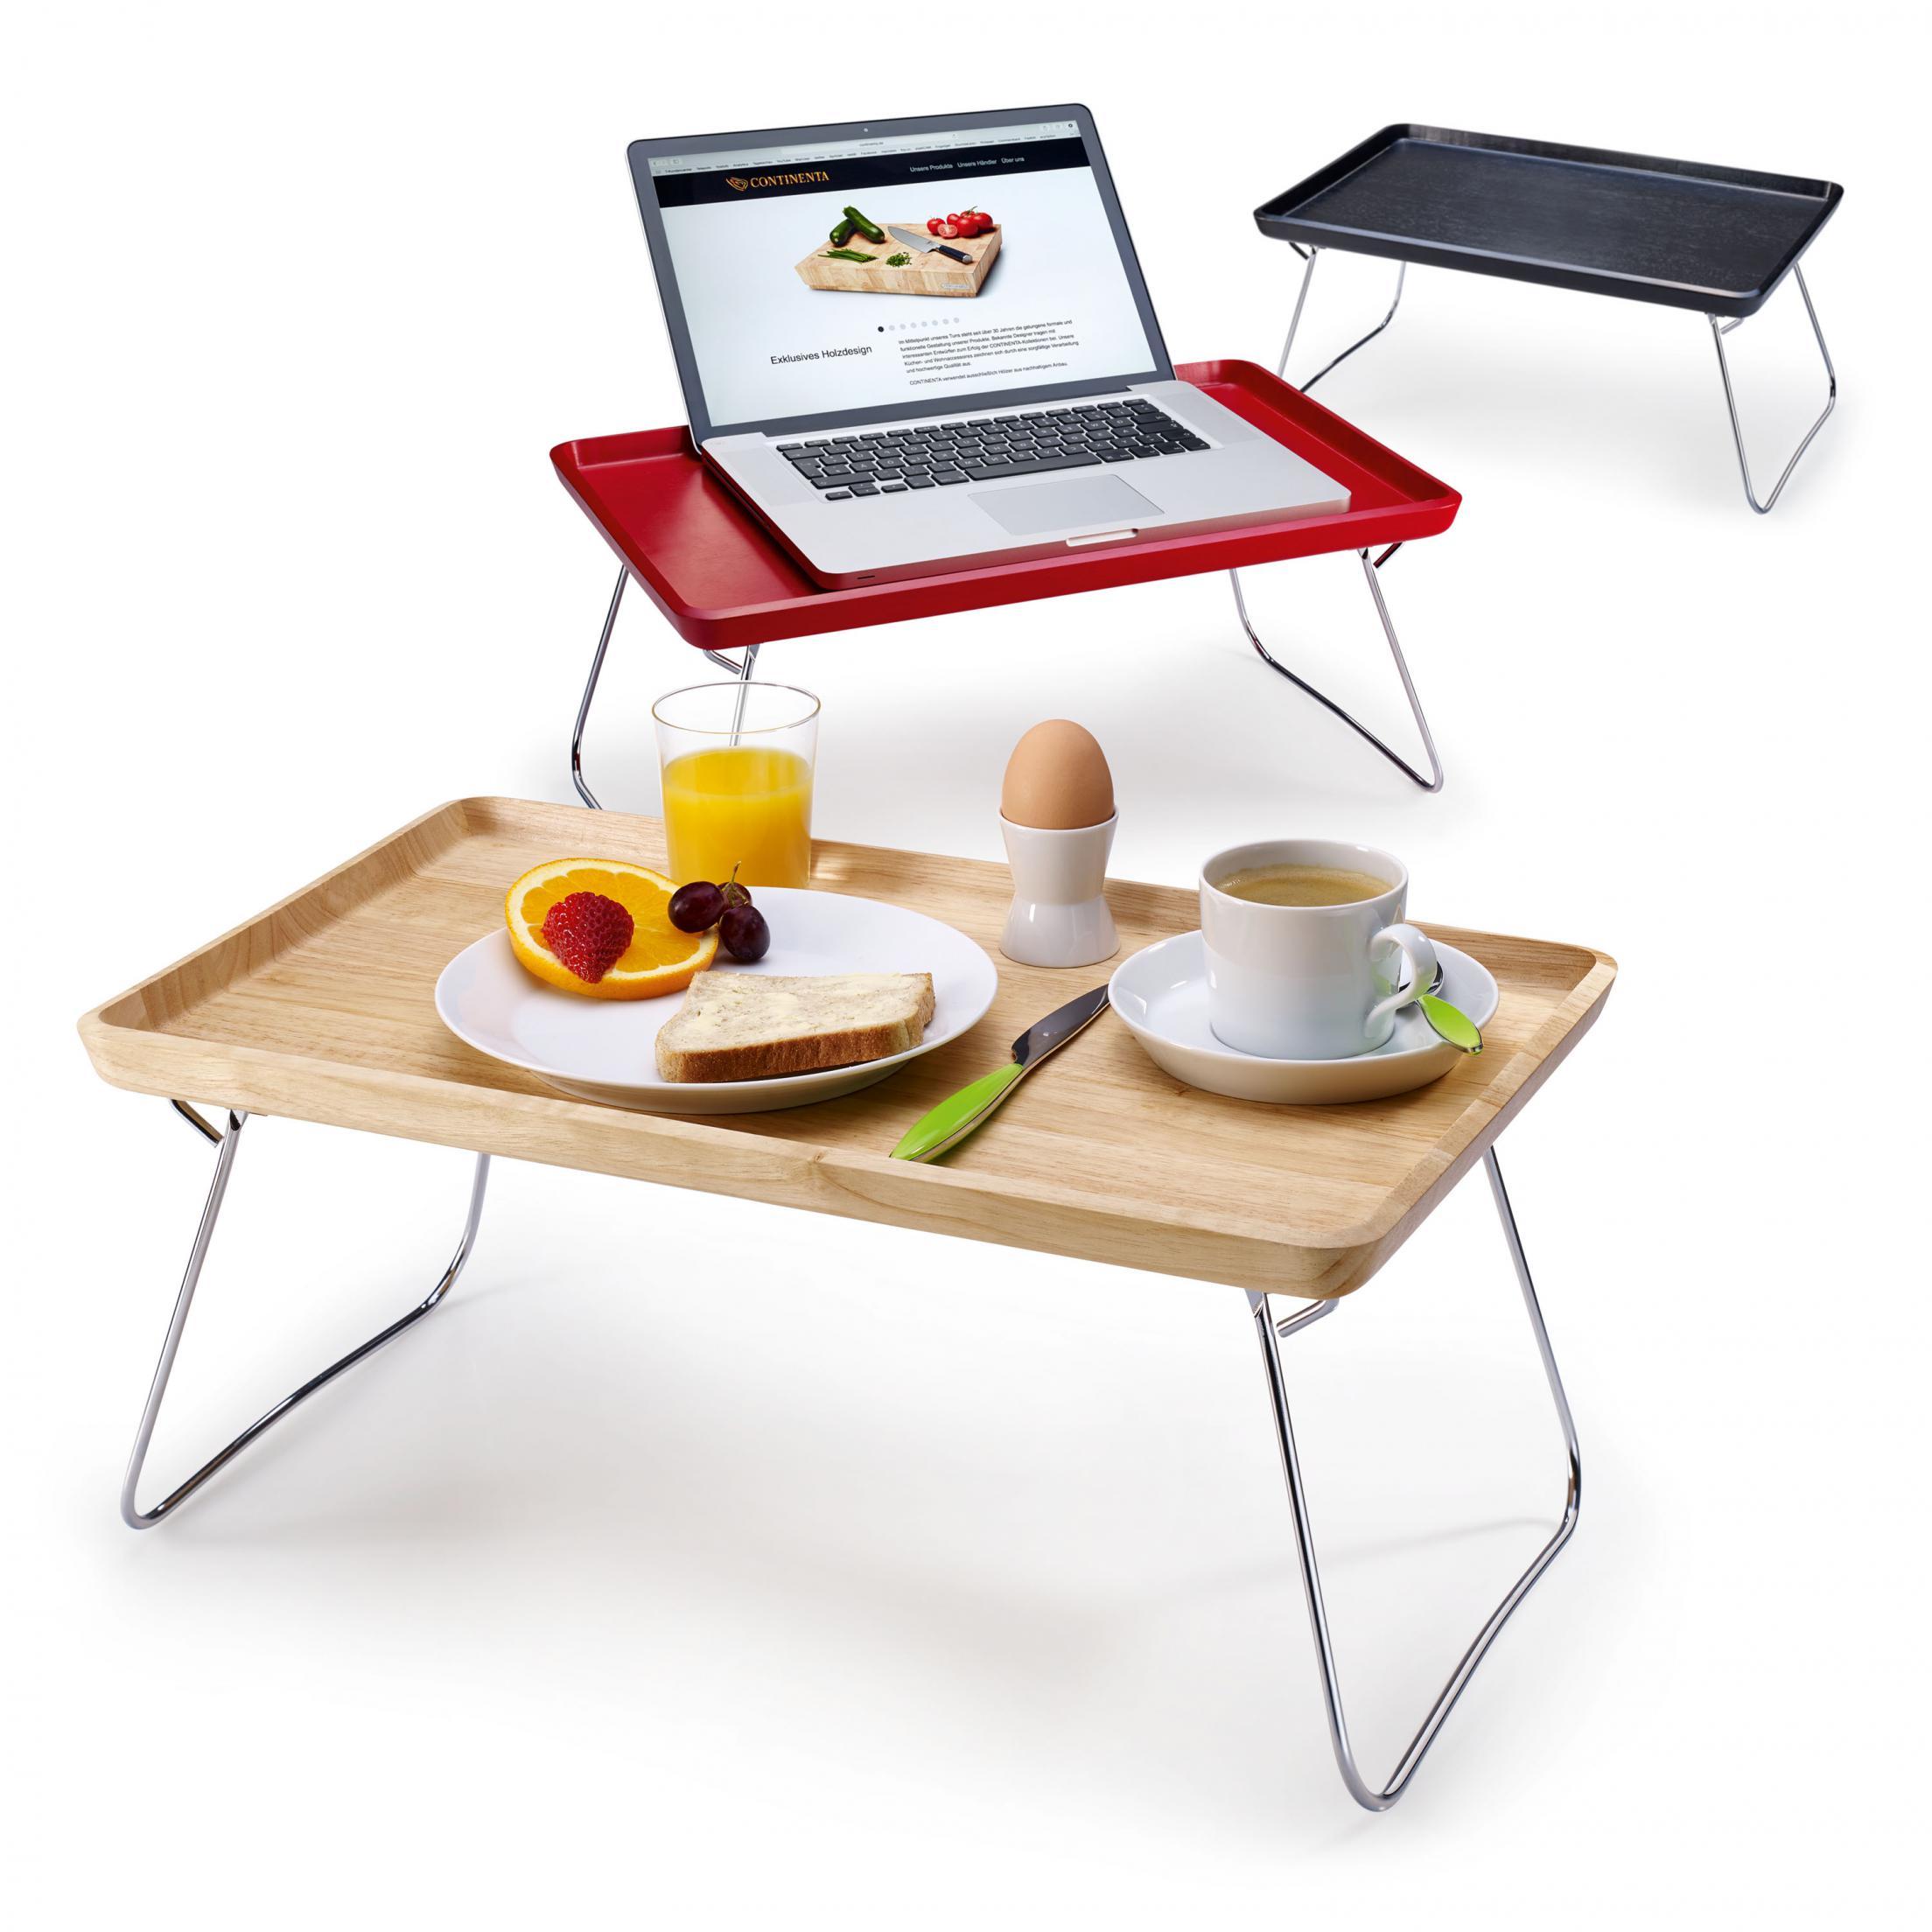 bett tablett gallery of betttablett aus eloxiertem. Black Bedroom Furniture Sets. Home Design Ideas